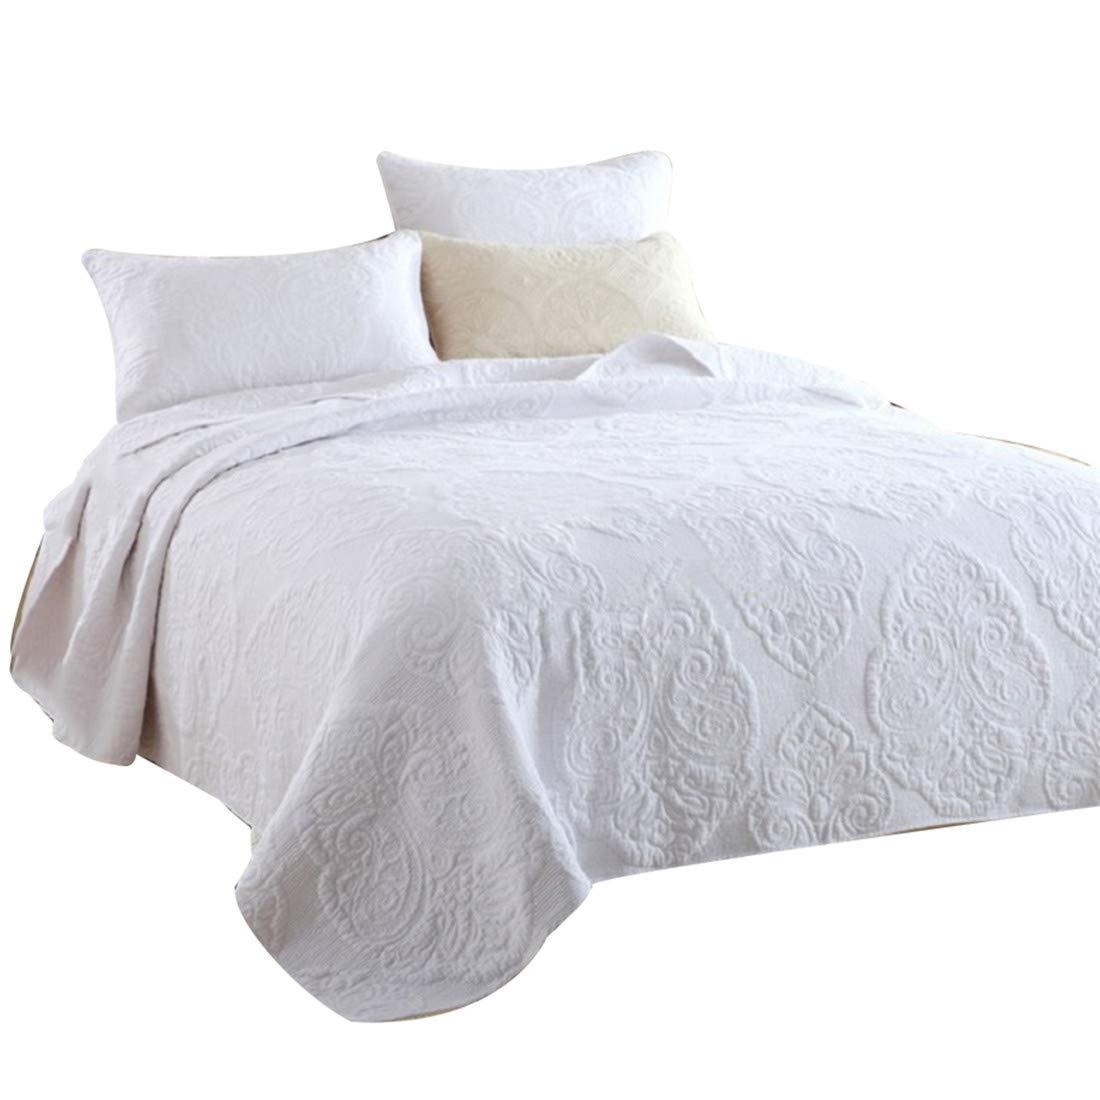 Unimall Colcha de piqué para Cama de 250 * 270 cm y 2 Fundas de Almohada 50 * 70 cm Colcha Boutí (100% de Algodón) (Blanca)